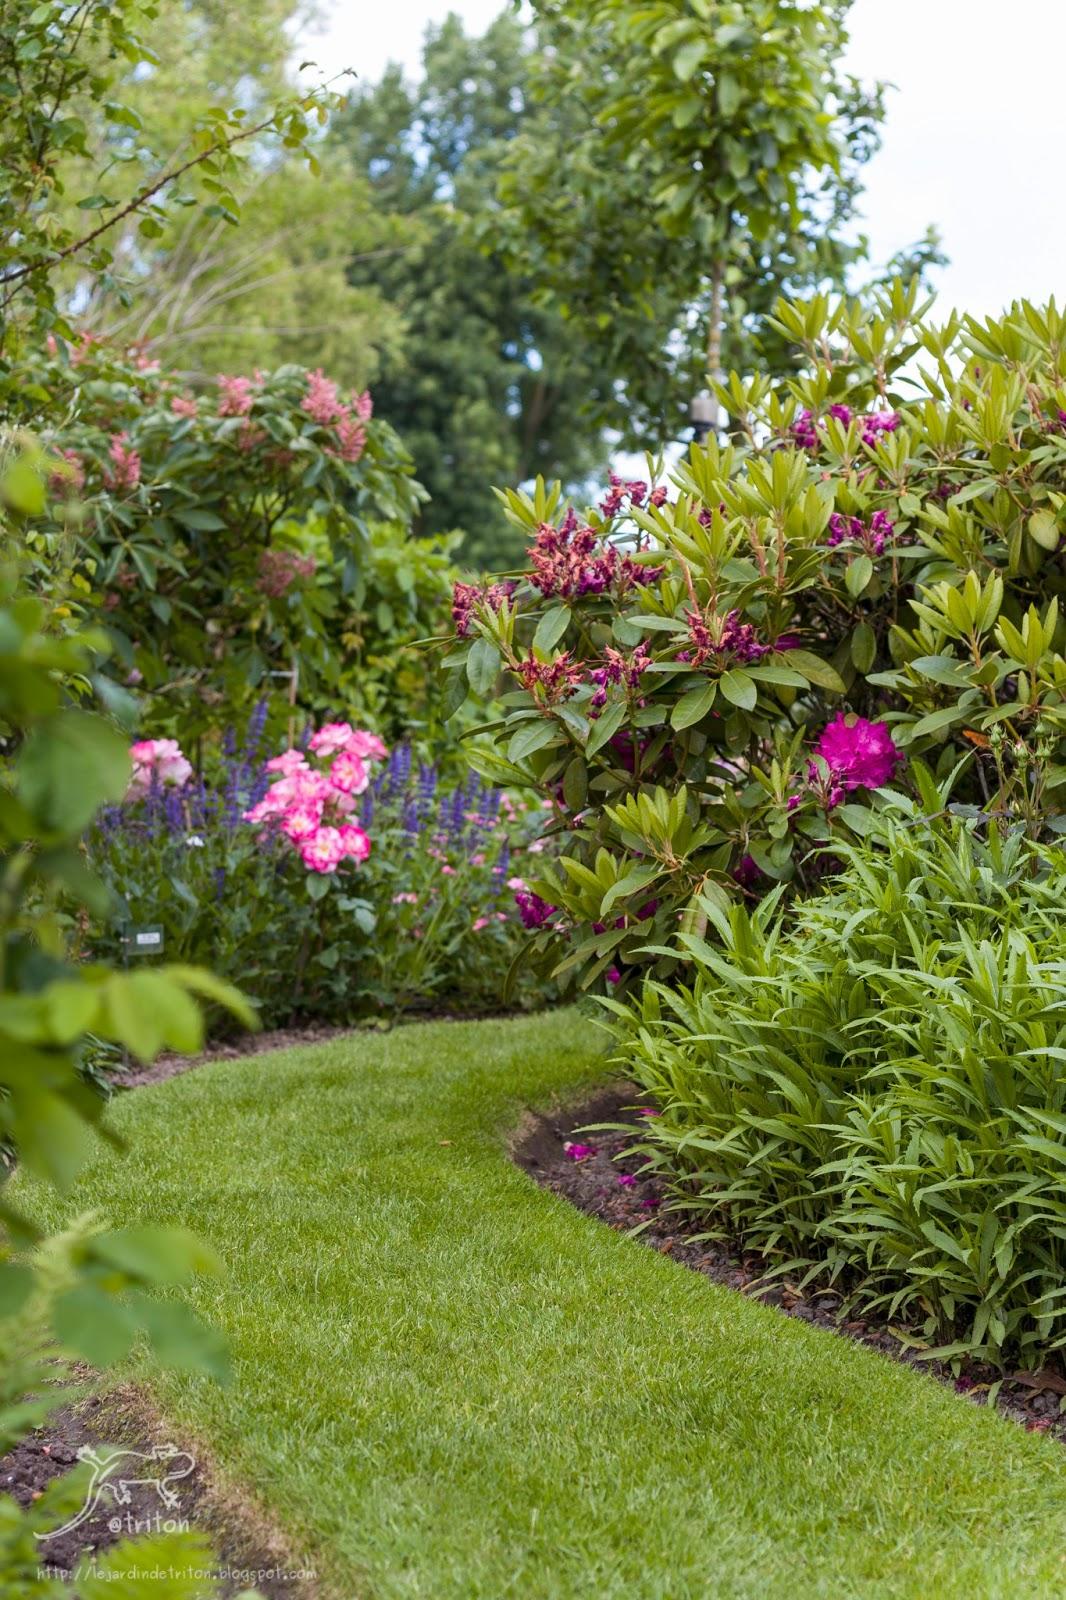 Le jardin de triton visite du jardin les aiguillons en for Jardin belgique